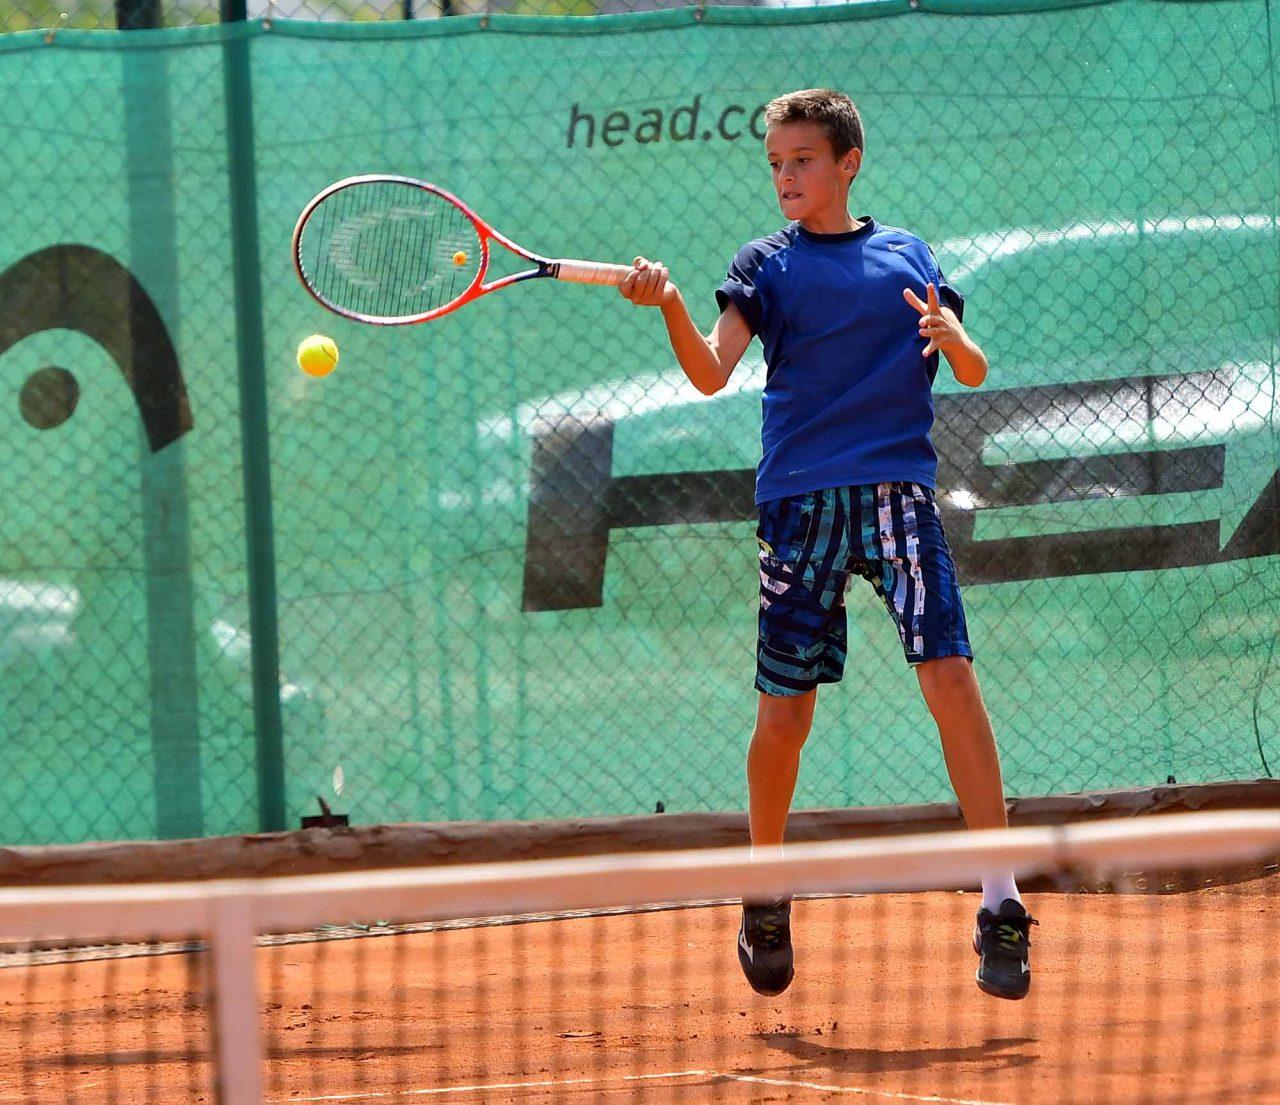 Държавно първенство тенис до 14 год. ТК 15-40 финал двойки (10)